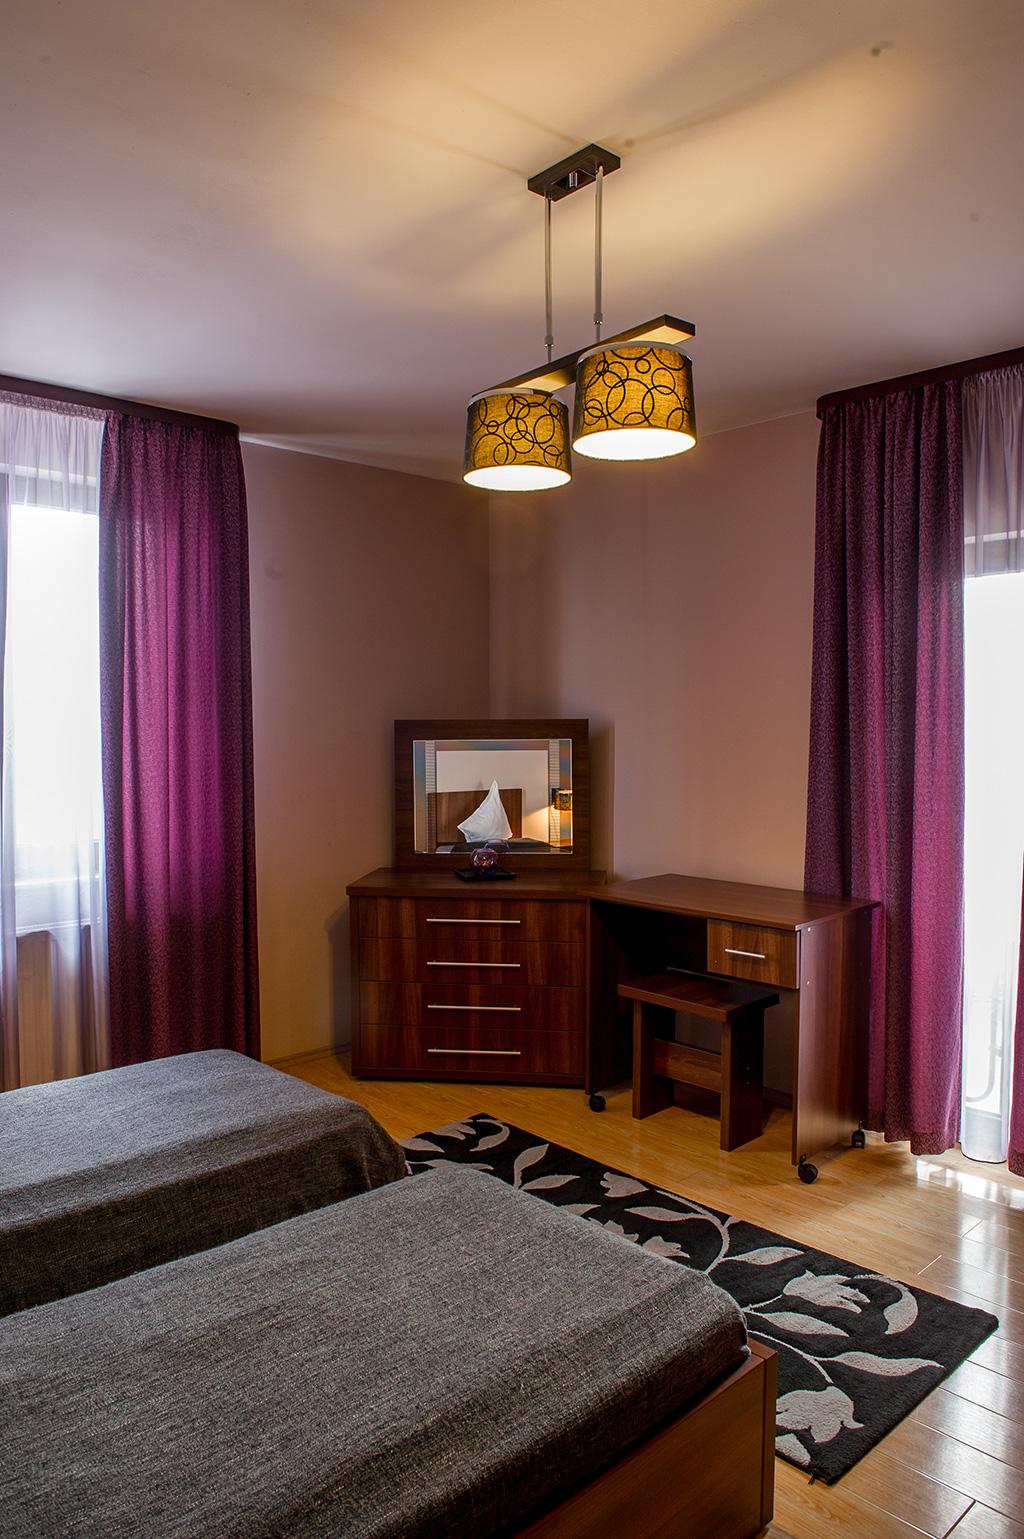 Dormitor Apartament 4